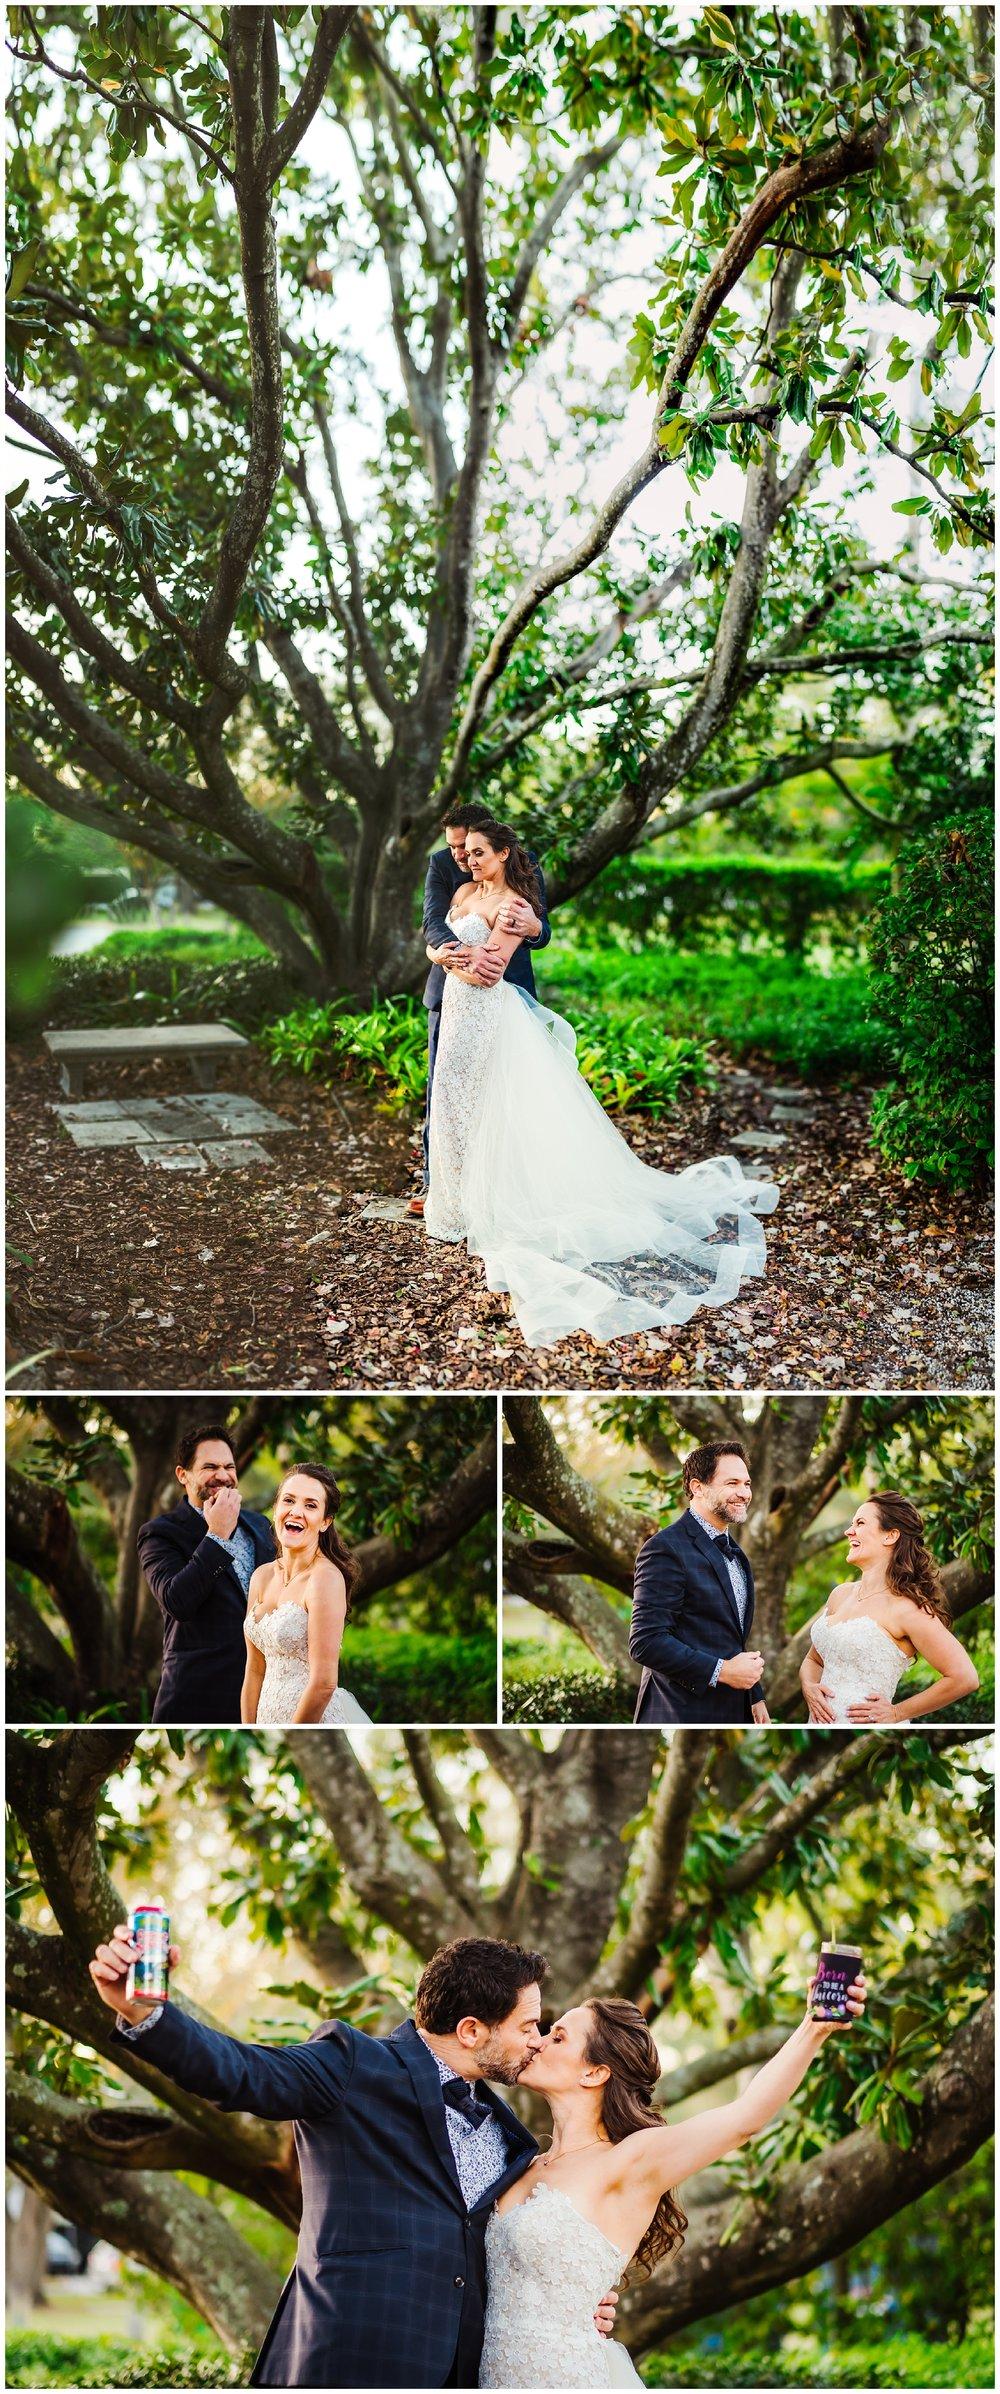 tampa-wedding-photographer-davis-island-flamingo-garden-alexander-mcqueen-non-traditional_0058.jpg